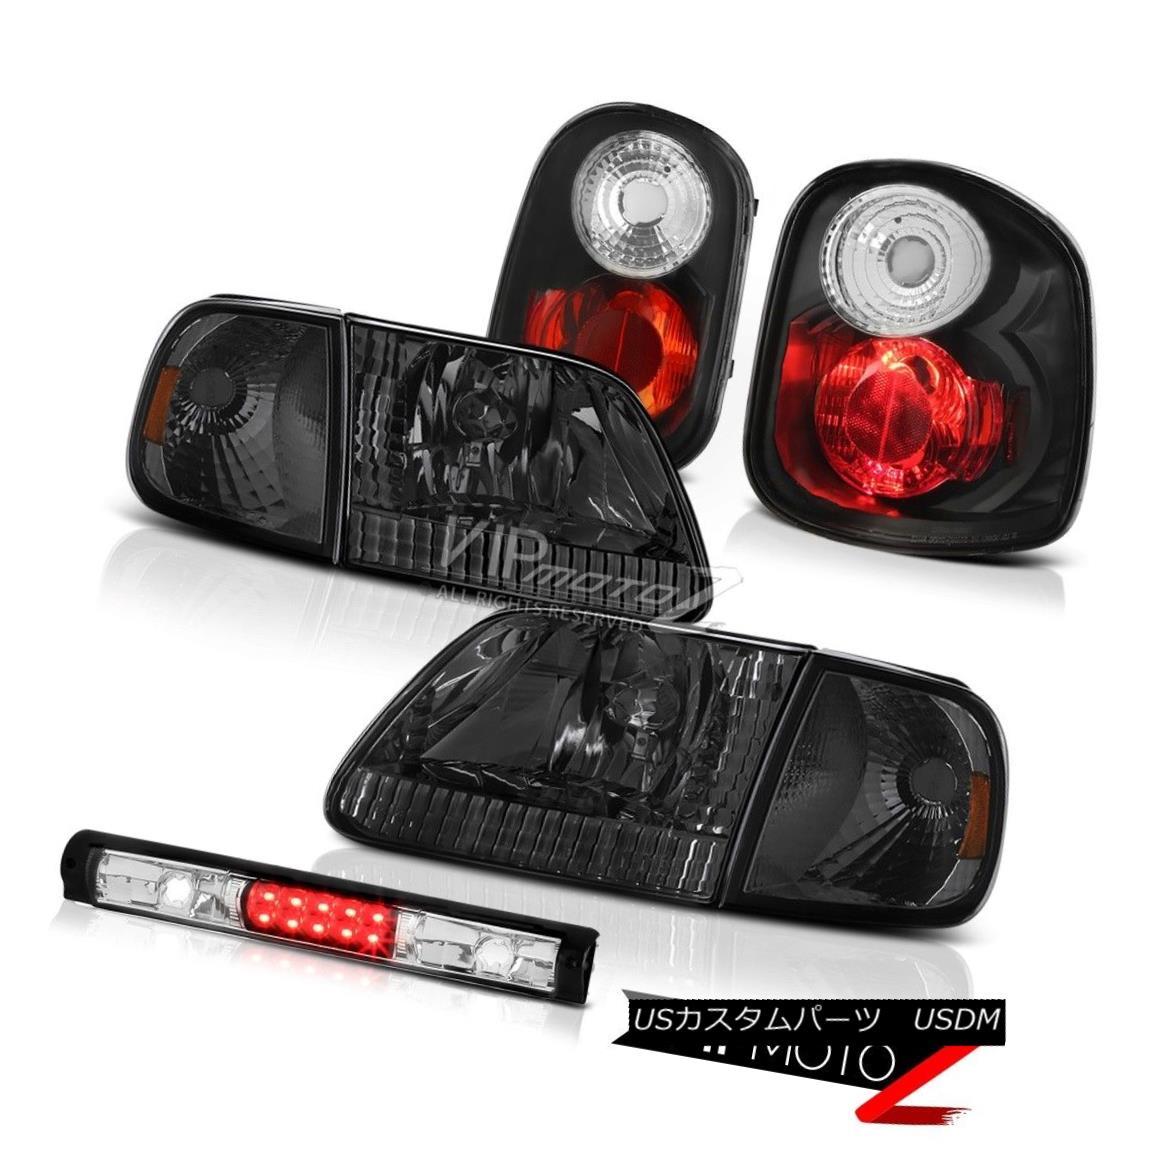 テールライト 01-03 F150 Flareside Harley Davidson Smoke Bumper+Headlamps Tail Light Brake LED 01-03 F150 Flaresideハーレーダビッドソン煙バンパー+ヘッドラム psテールライトブレーキLED